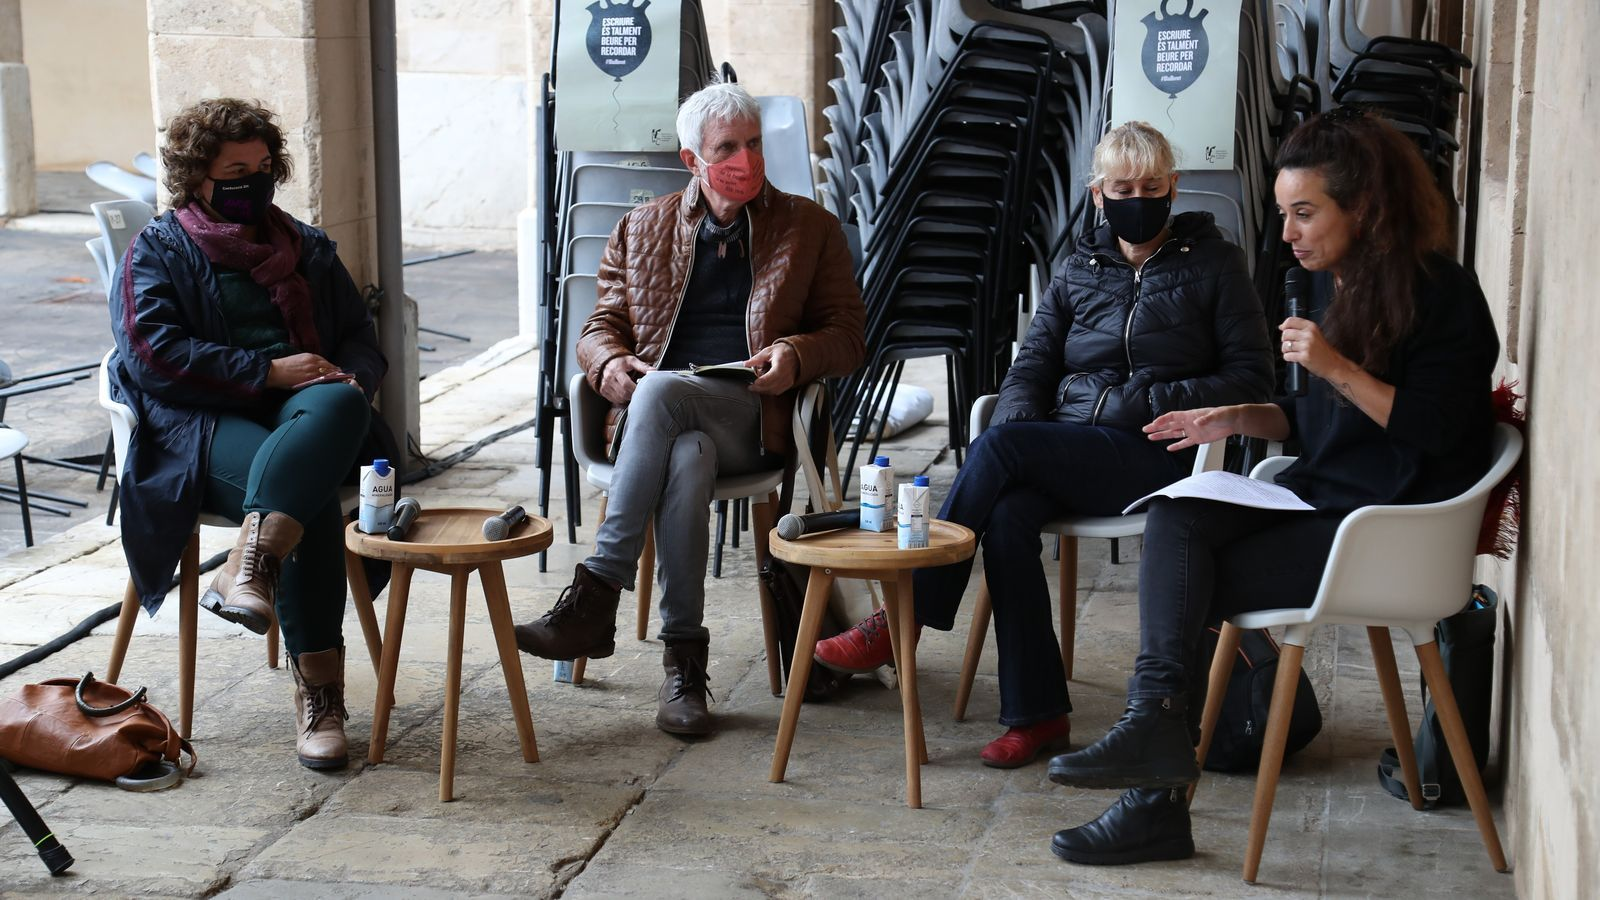 Mar Rayó -a la dreta-, moderant el debat sobre la literatura catalana amb l'escriptor J. M. Vidal Illanes, la llibretera Silvana Vogt i la professora Francesca Vallbona.